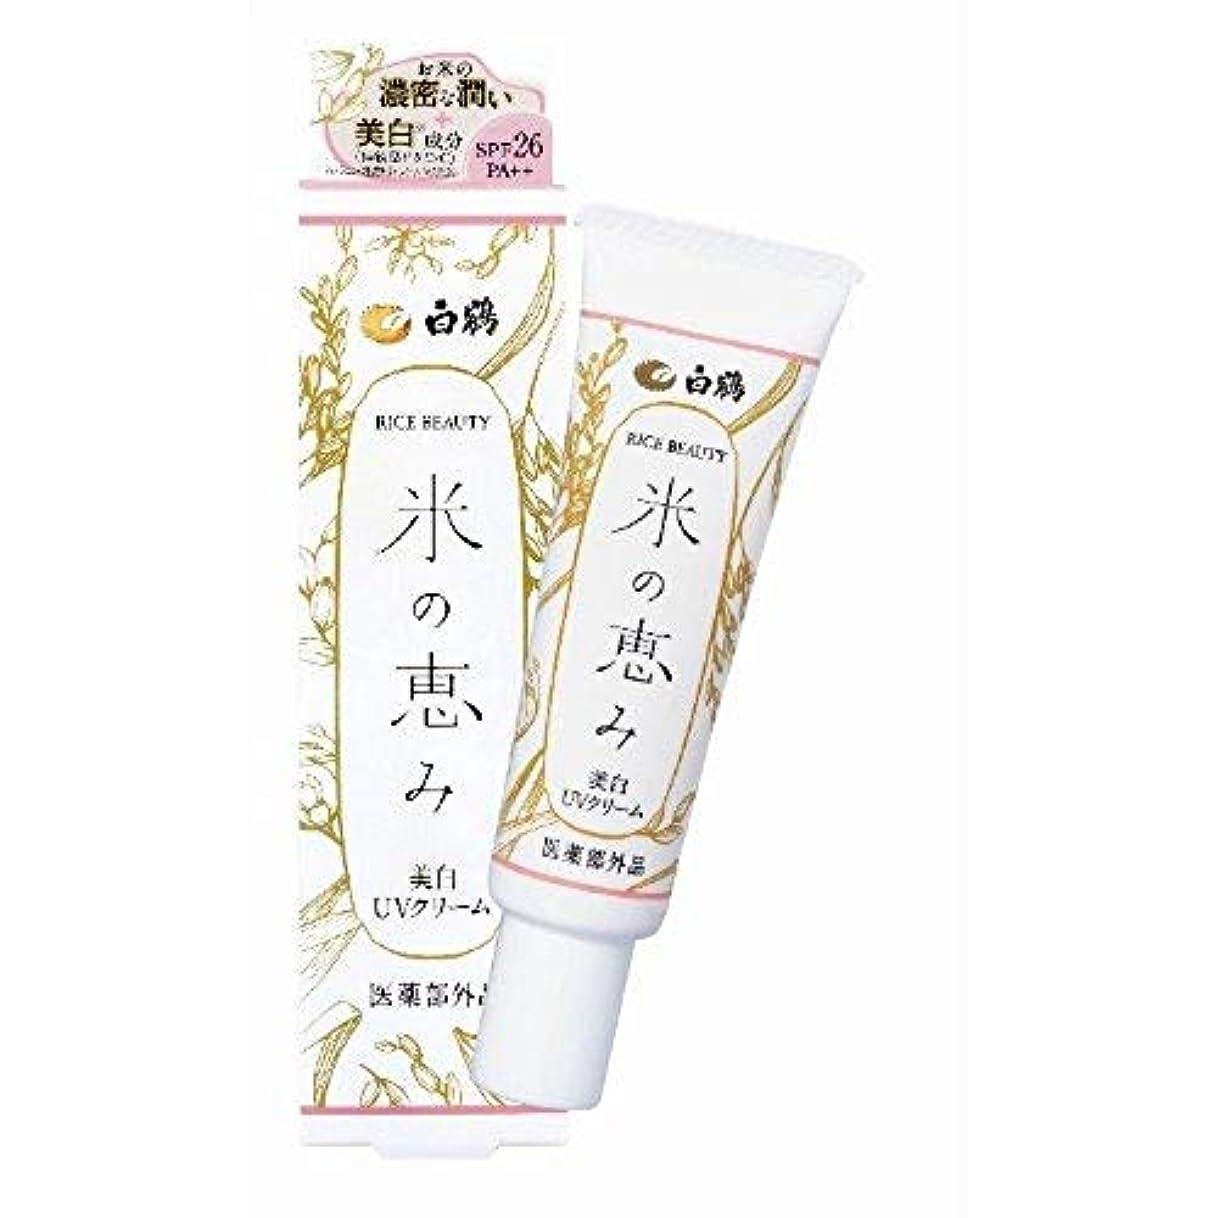 ナビゲーション地図鈍い白鶴 ライスビューティー 米の恵み 美白UVクリーム 30g SPF26/PA++ (日焼け止め/医薬部外品)